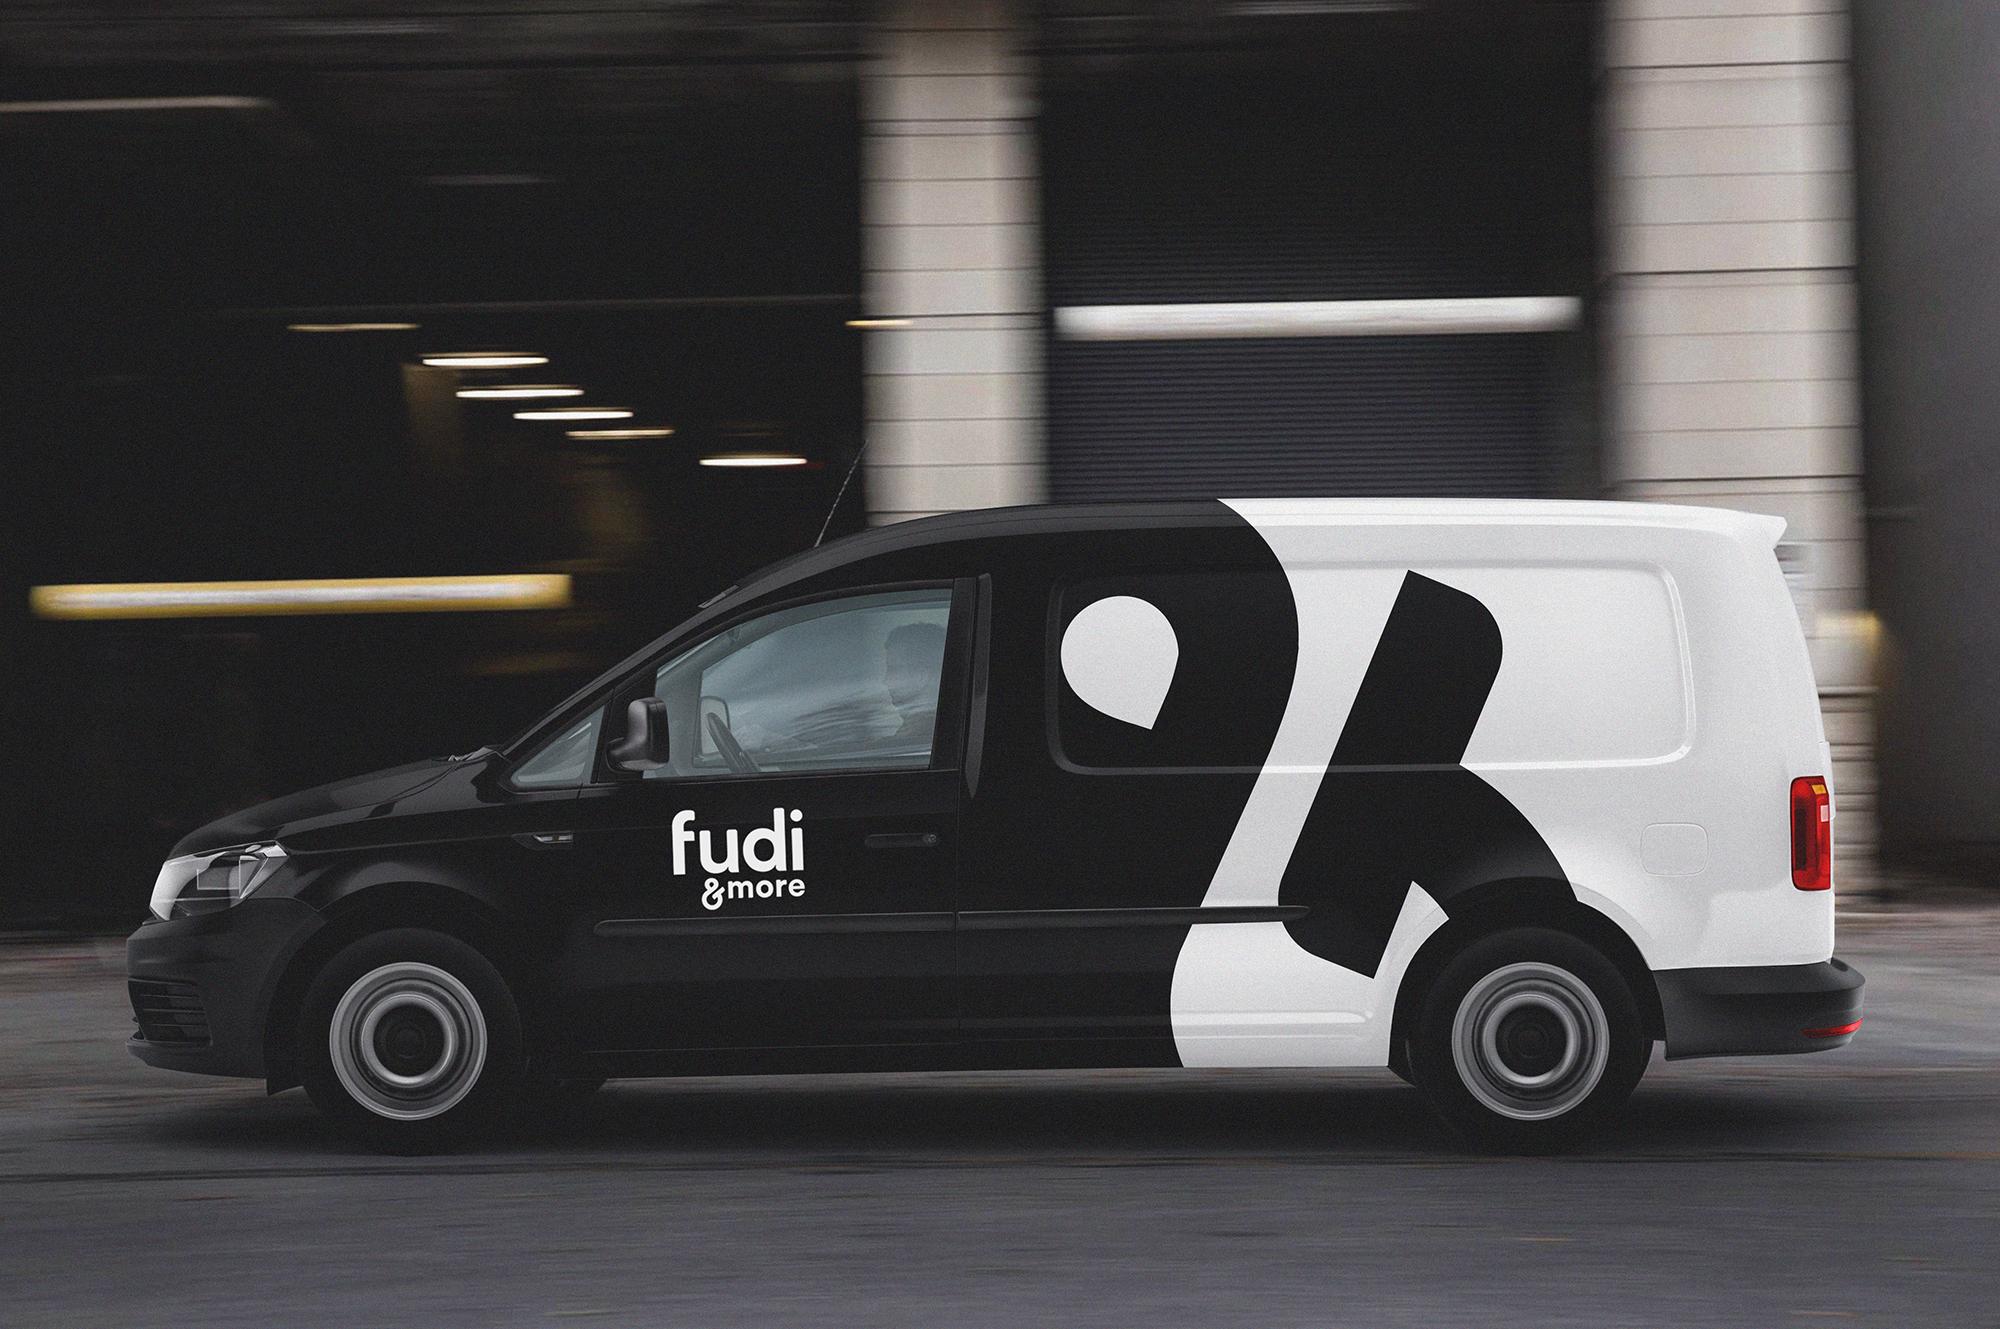 Cover image: fudi &more